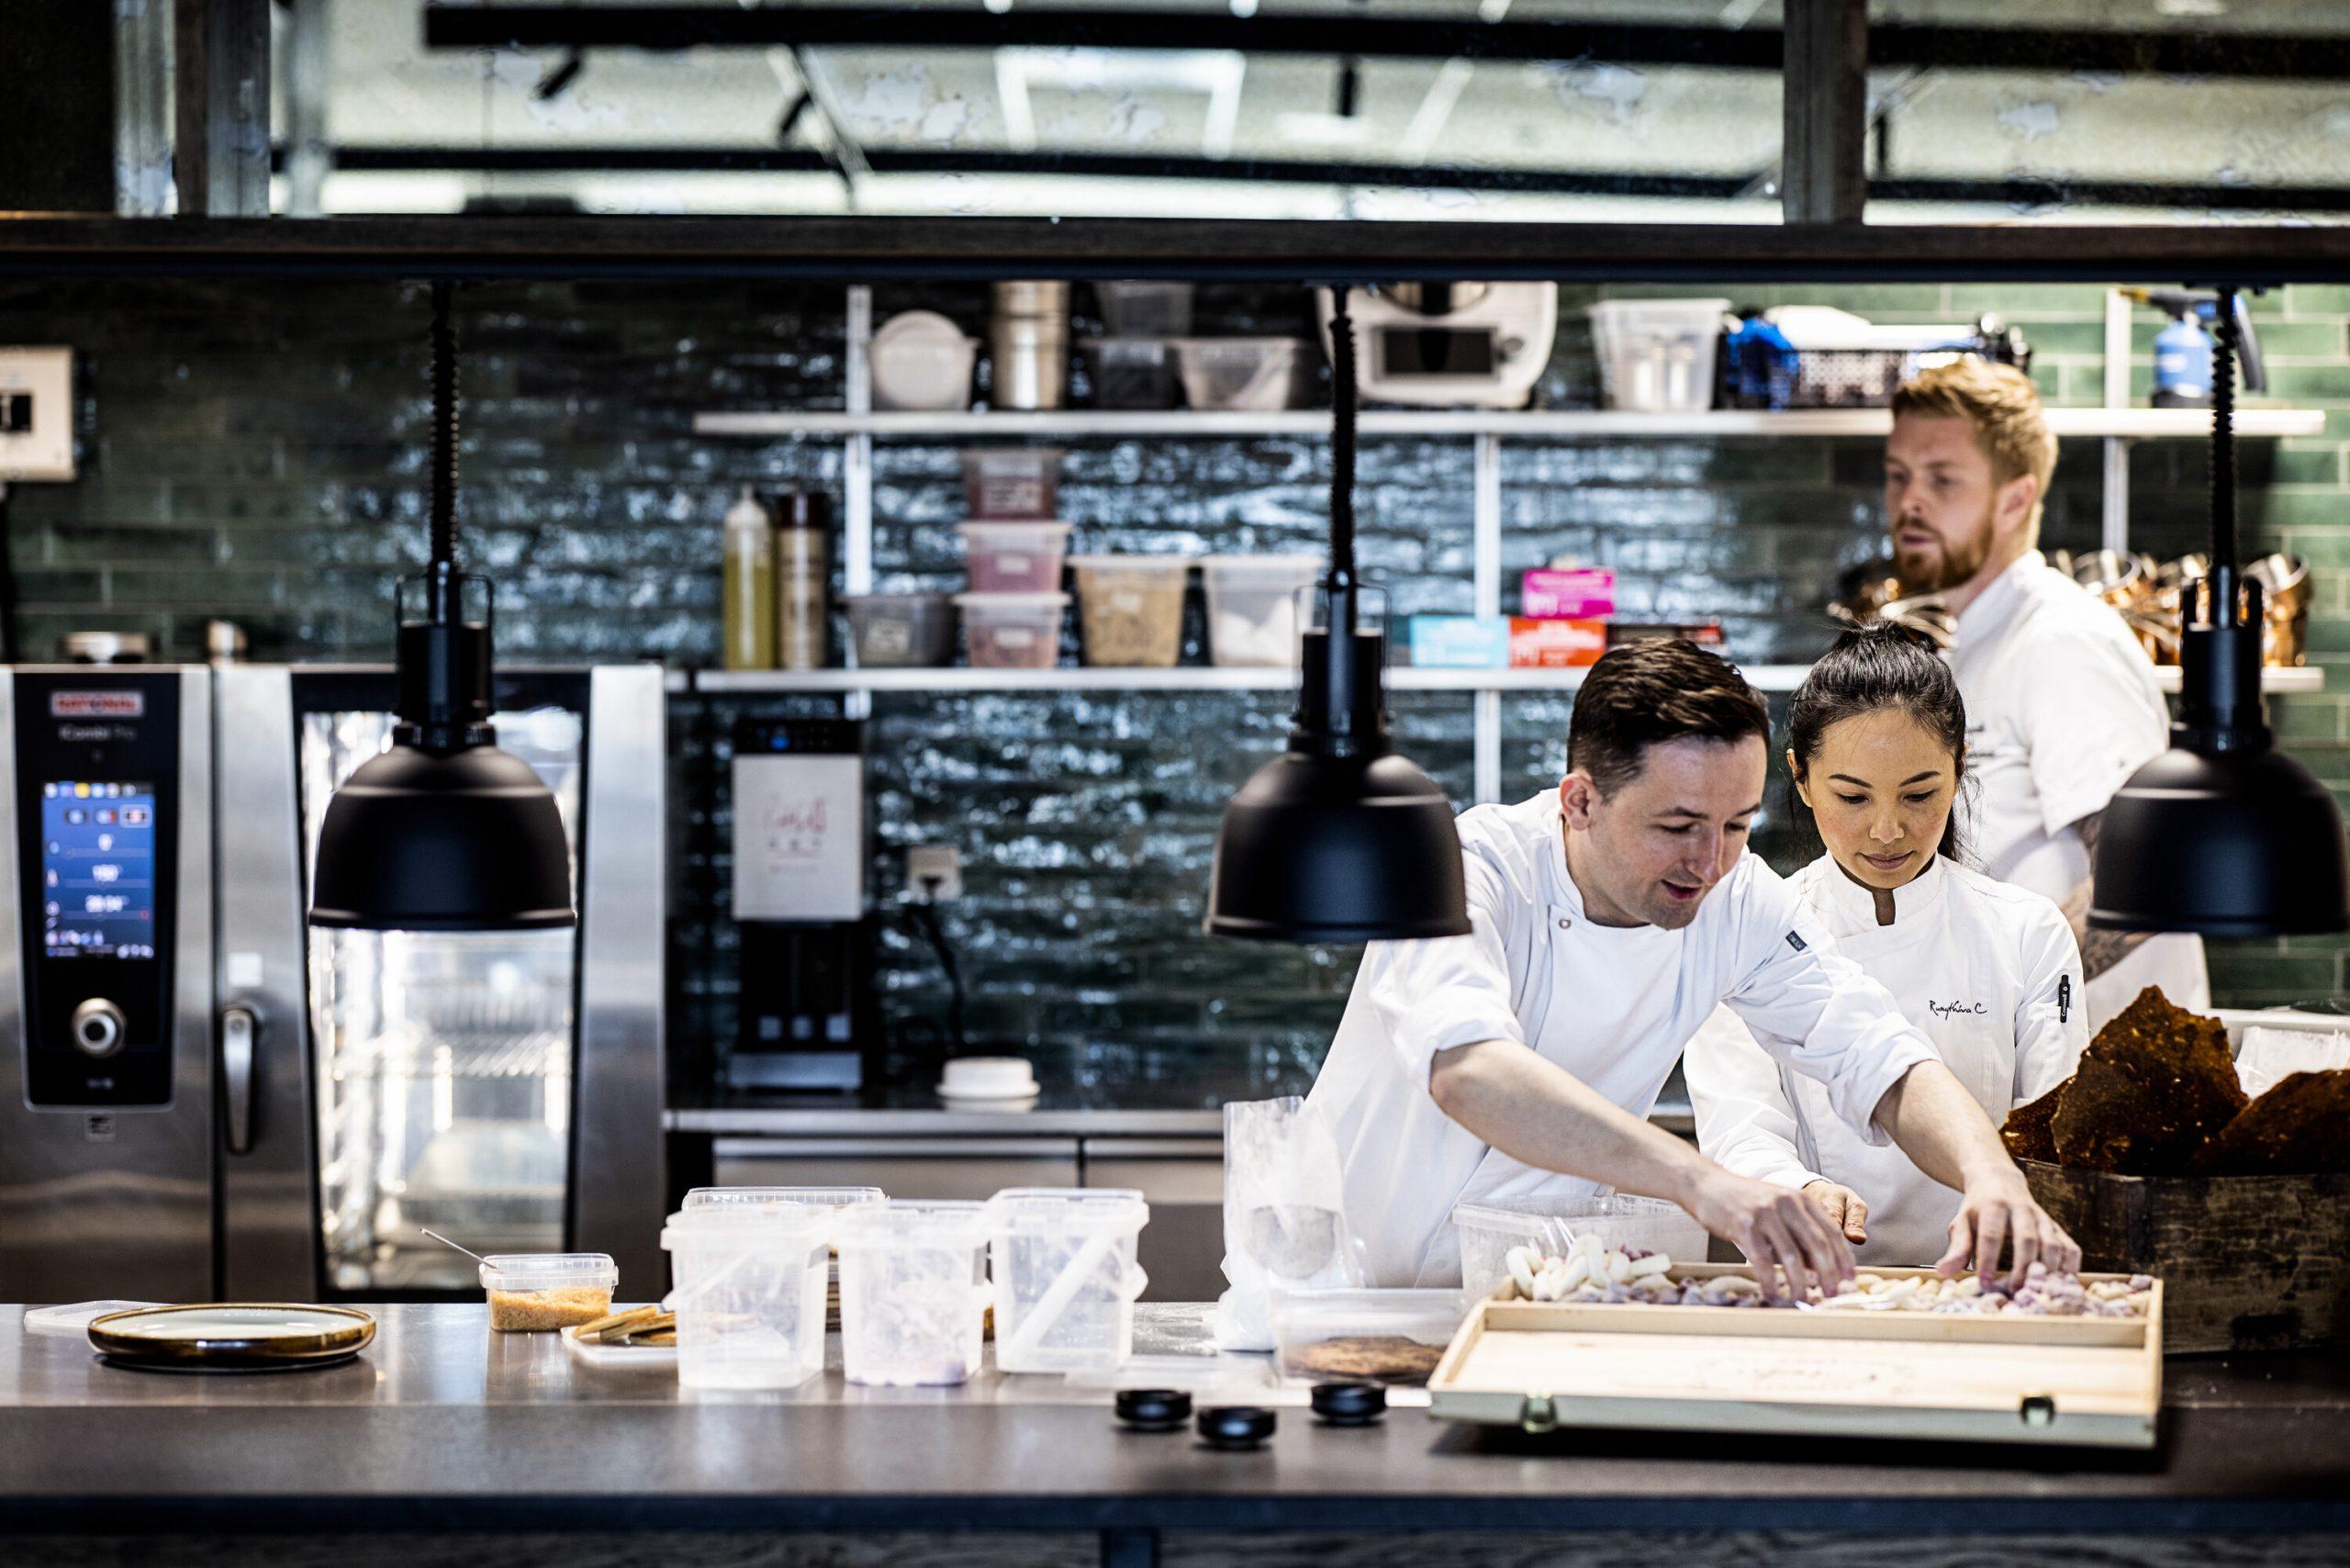 Comwell-kæden har reduceret madspild med 50 procent på varme retter til morgenmaden på grund af portionsanretning, i stedet for de store, traditionelle buffeter. PR-foto: Comwell Hotels.